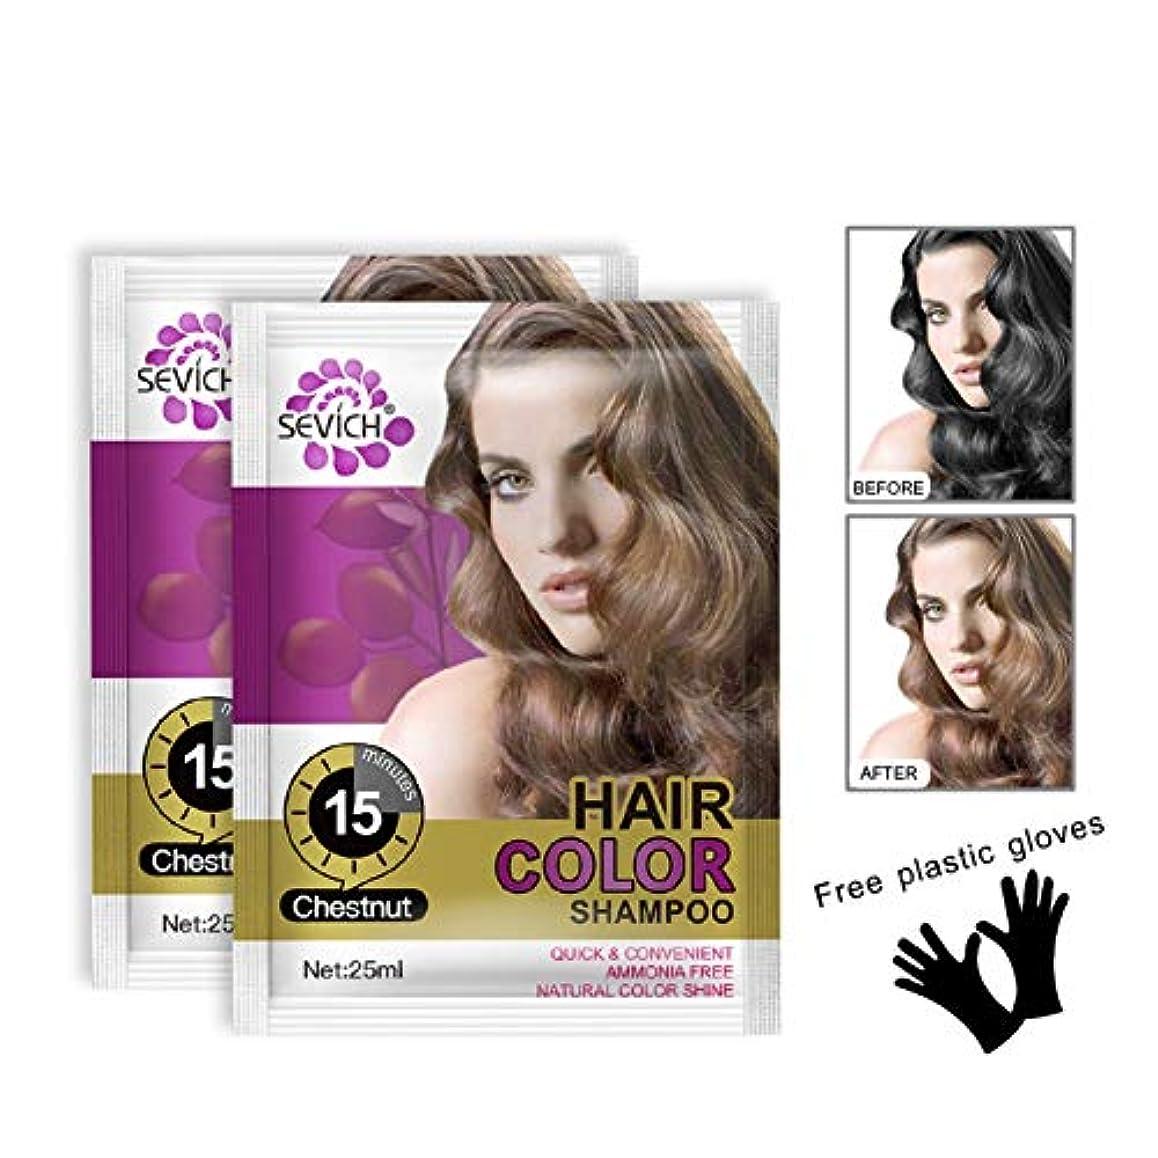 外部両方衣装ヘアカラー ヘア染め ヘアカラースタイリング 髪の色のシャンプ ヘアシャンプー 純粋な植物 自然 刺激ない ヘアケア 10枚セット Cutelove